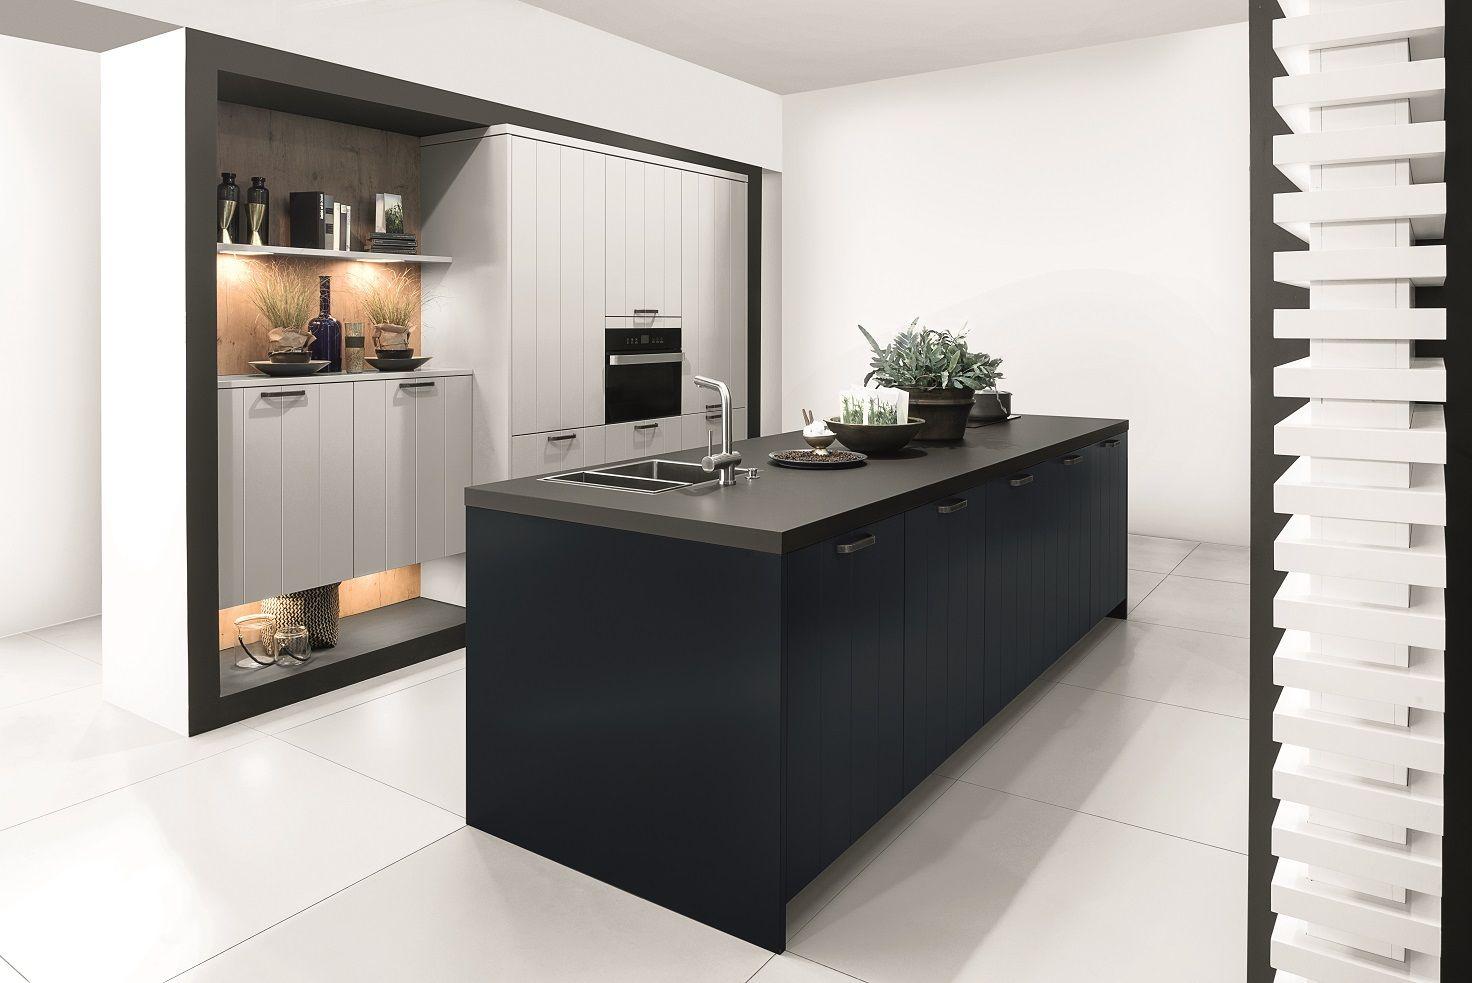 Landelijk Moderne Keukens : Showroomkeukens alle showroomkeuken aanbiedingen uit nederland